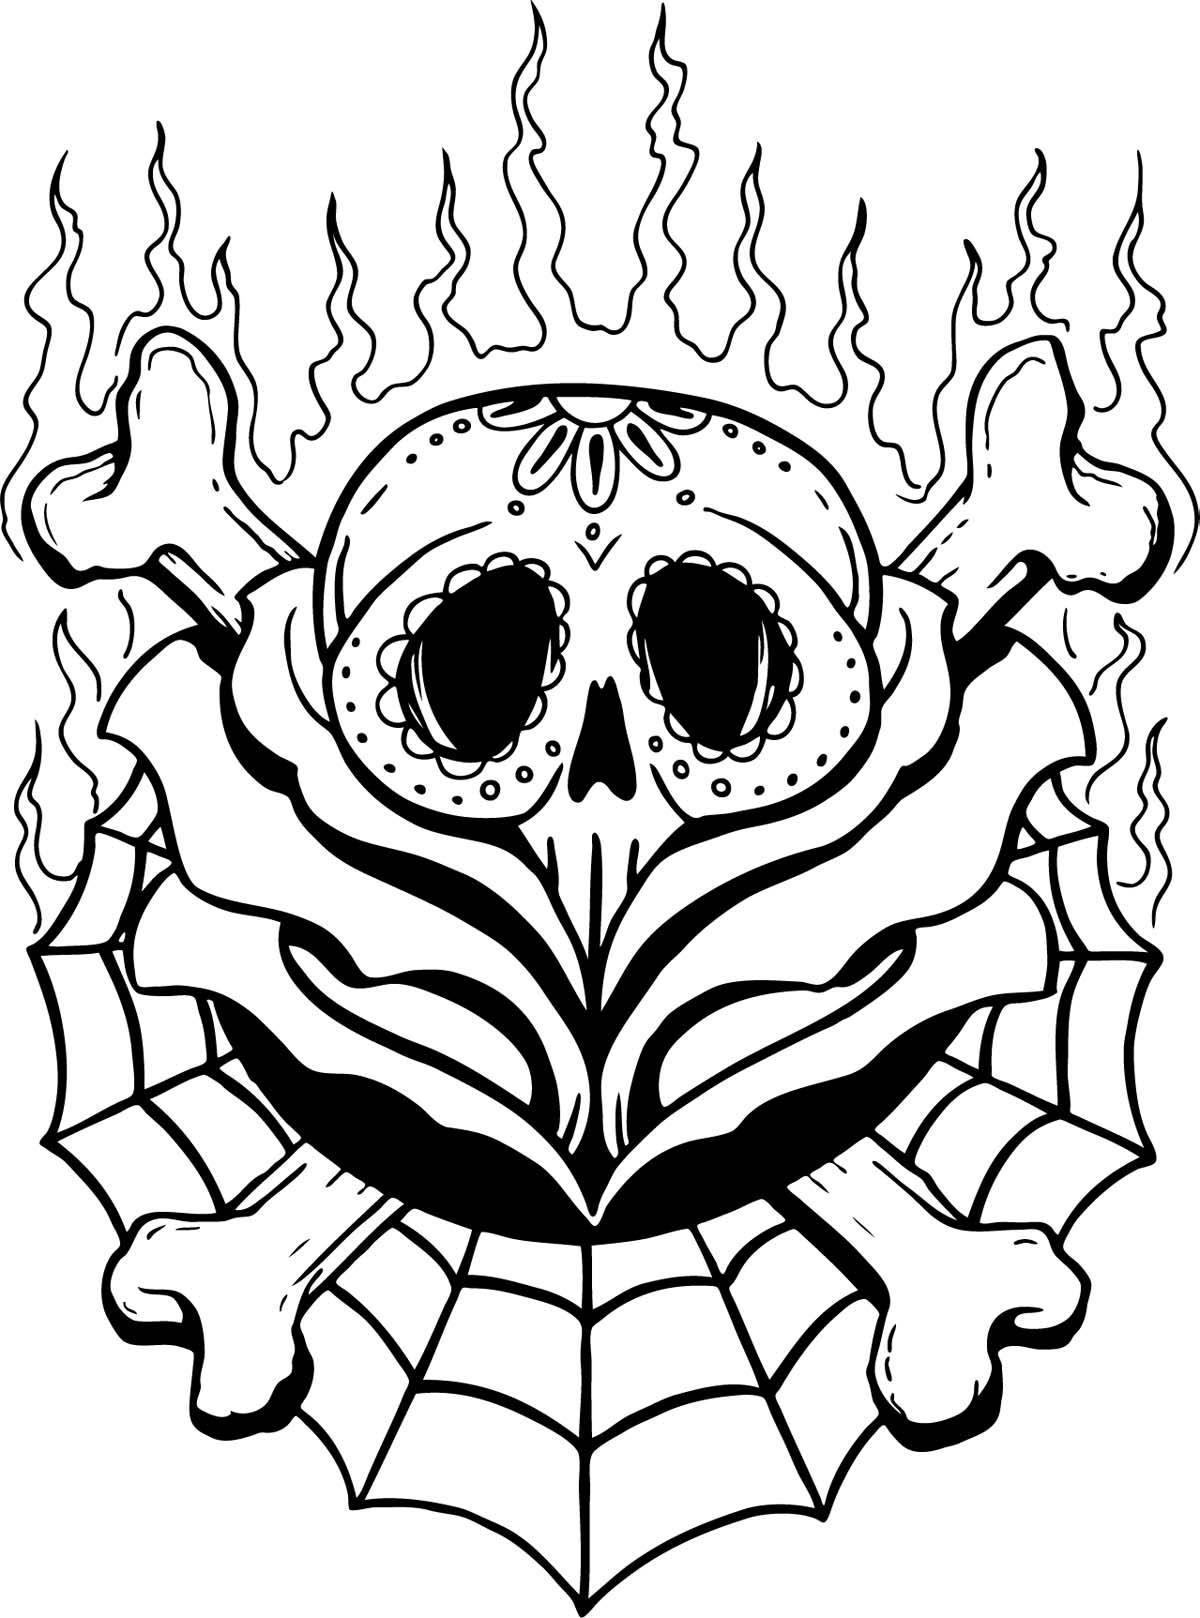 1200x1618 Spider Ball Python Tattoo Harrisons Herps Tattoo Design 1440x900